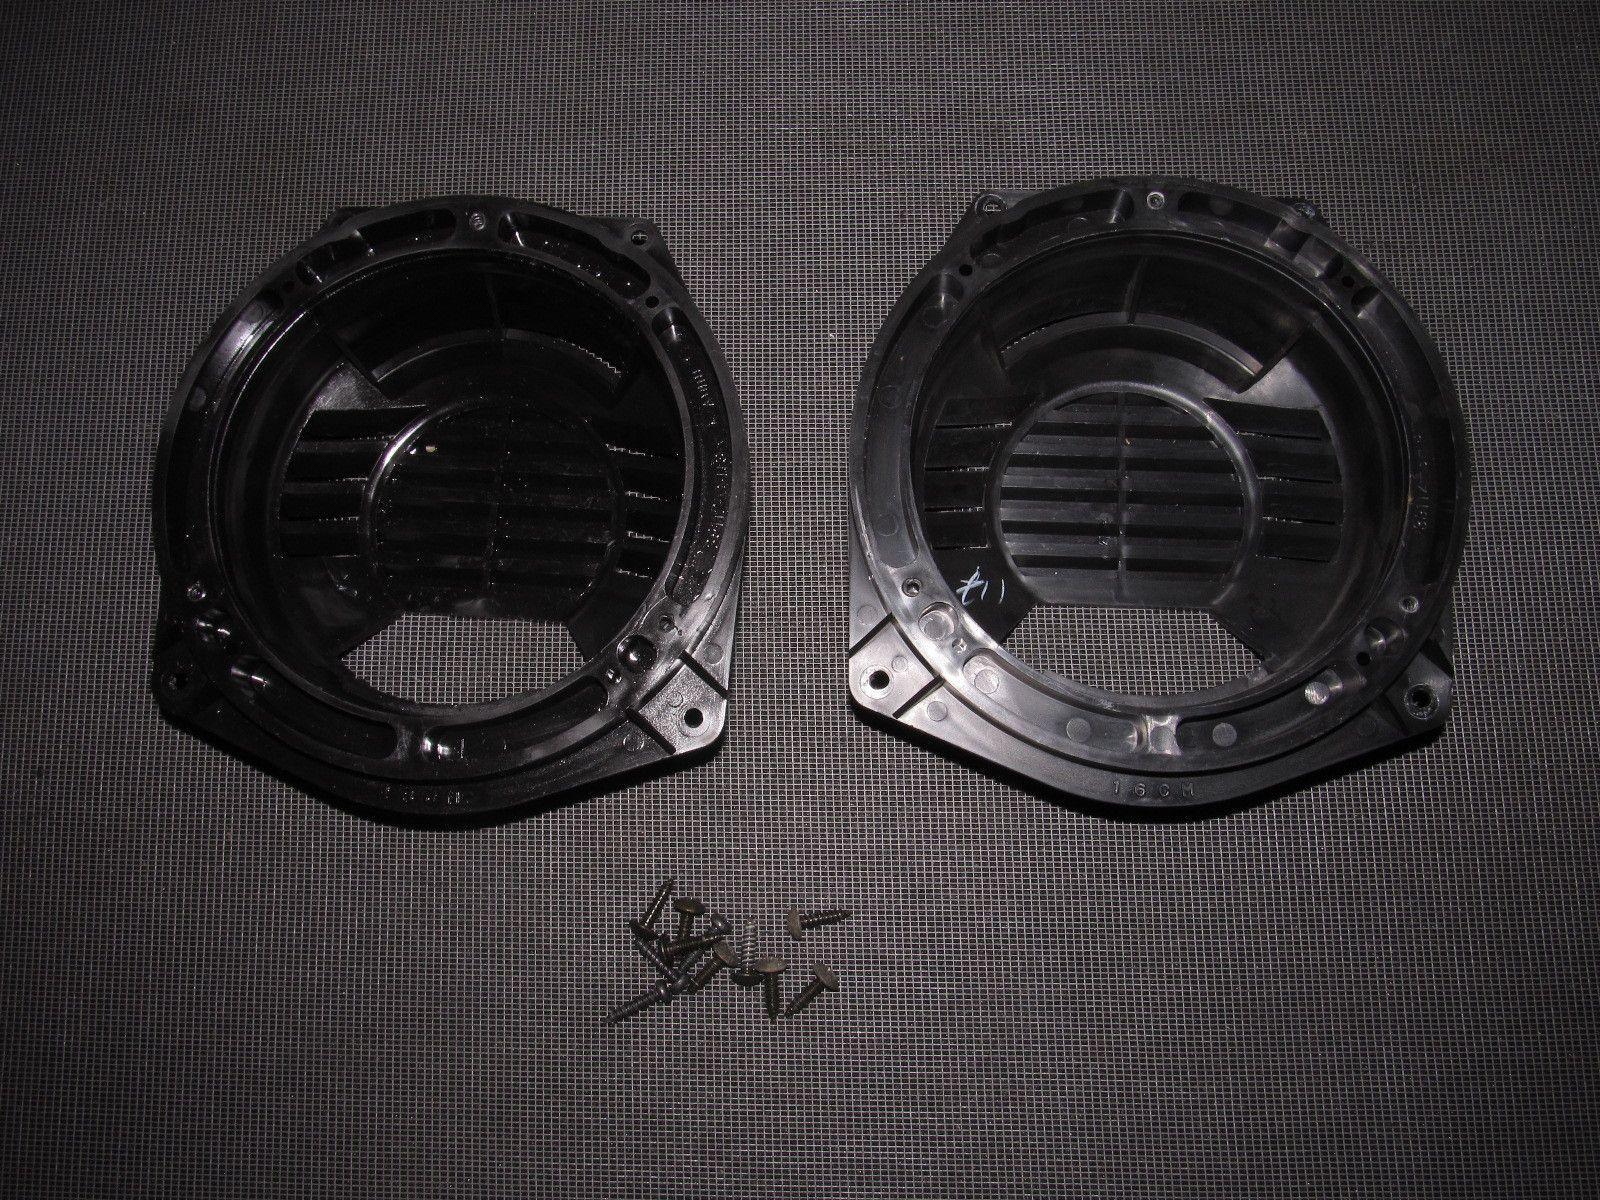 93 94 95 Honda Del Sol Oem Interior Fuse Box Autopartone Expert Diagram 96 97 Front Door Speaker Bracket Housing